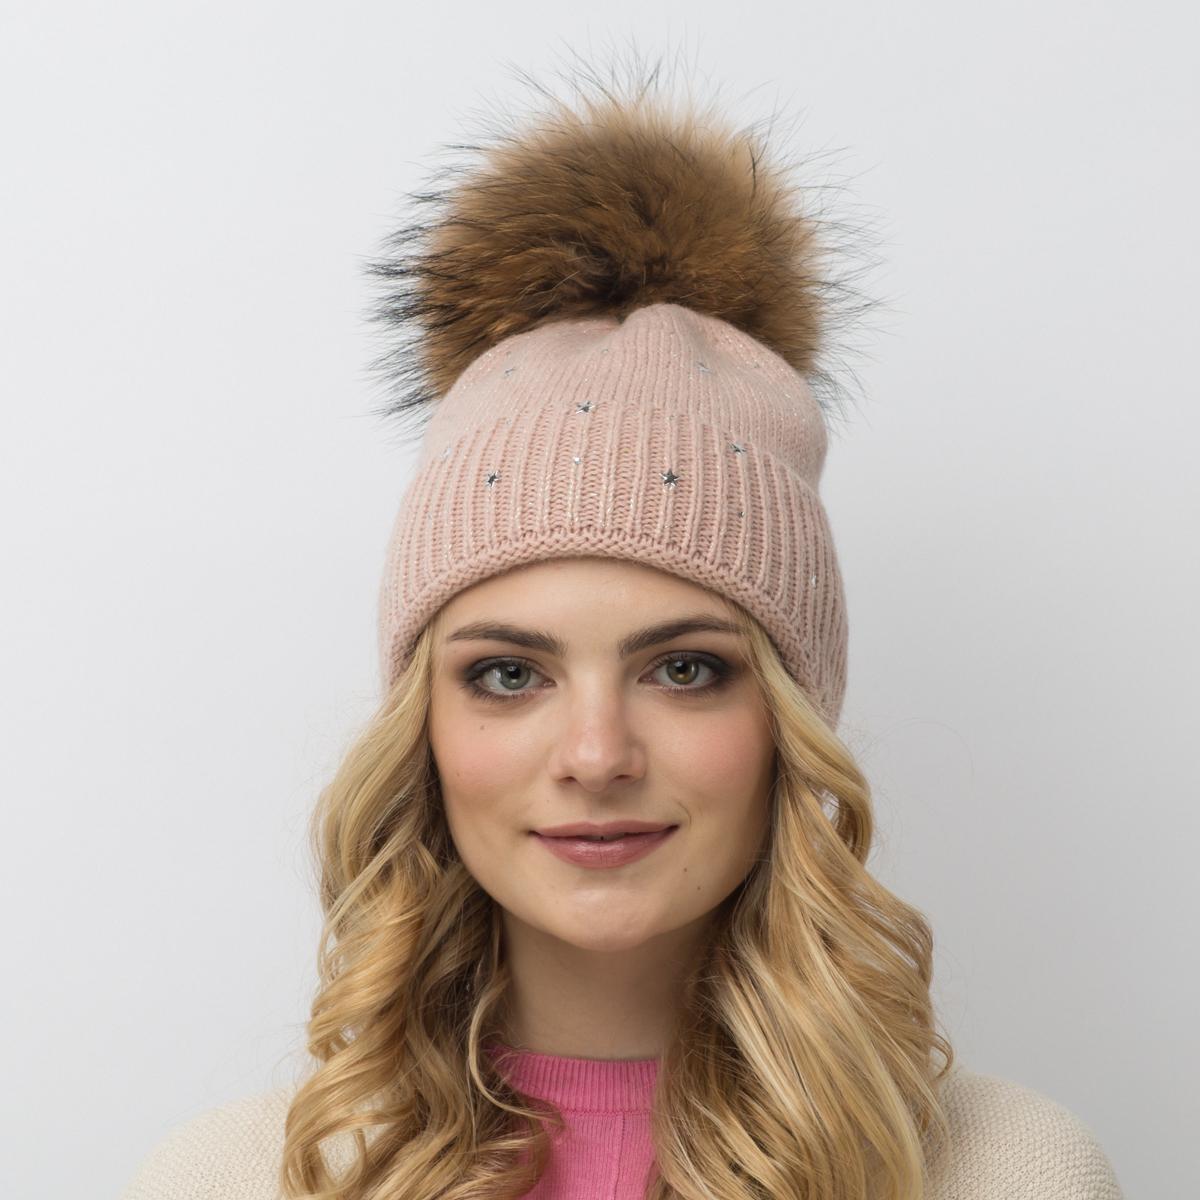 Шапка женская Flioraj, цвет: светло-коричневый. 714/1-М FJ. Размер 54/58714/1-М FJУдлиненная шерстяная шапка-колпачок от Flioraj - новинка женской коллекции. Такое нововведение отвечает последнему веянию - сделать женскую коллекцию более универсальной. Такую шапочку можно носить с любым видом верхней одежды, достаточно только определиться с цветом. Модель дополнена люрексом, звездочками и меховым помпоном.